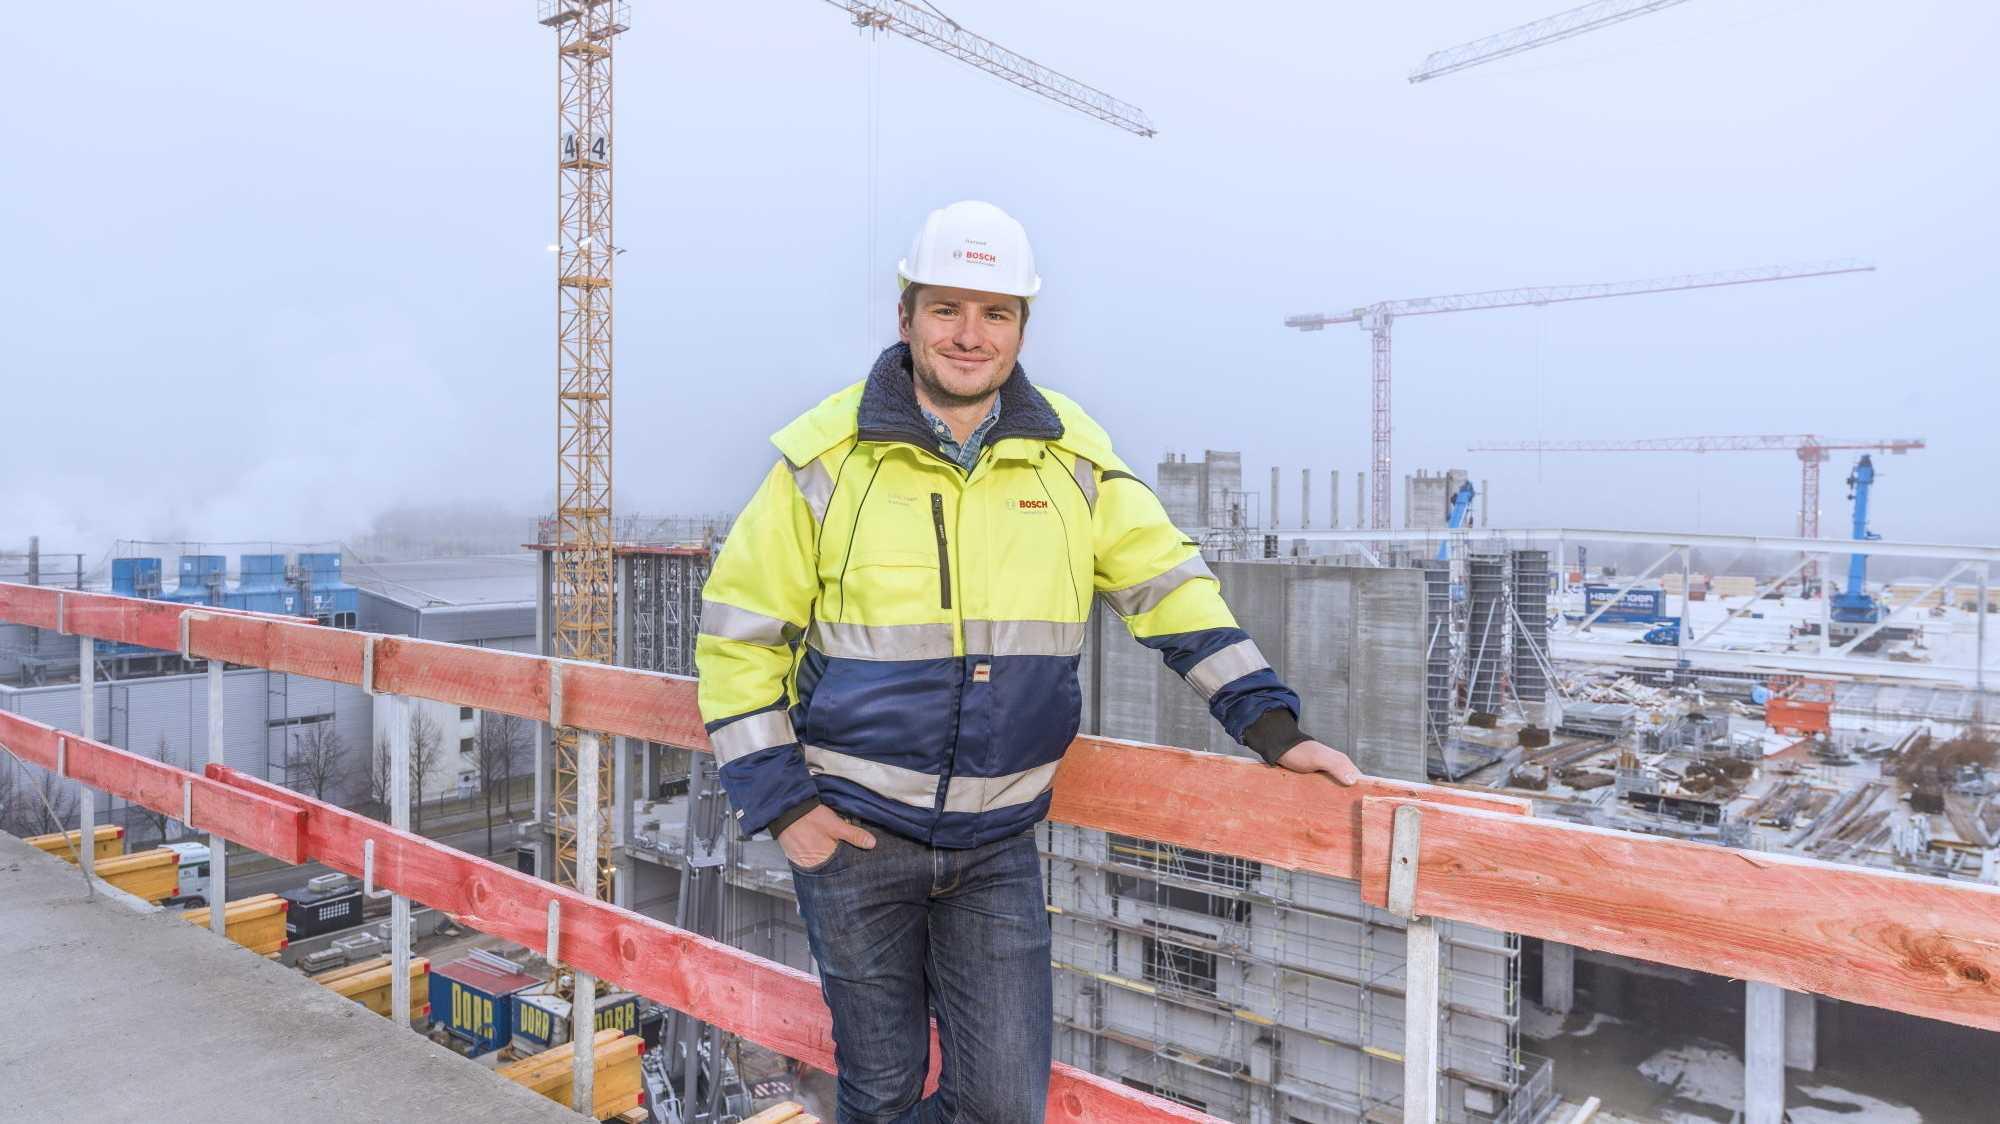 Bauleiter bei Bosch: Eine Milliarde Euro mit 30 Jahren